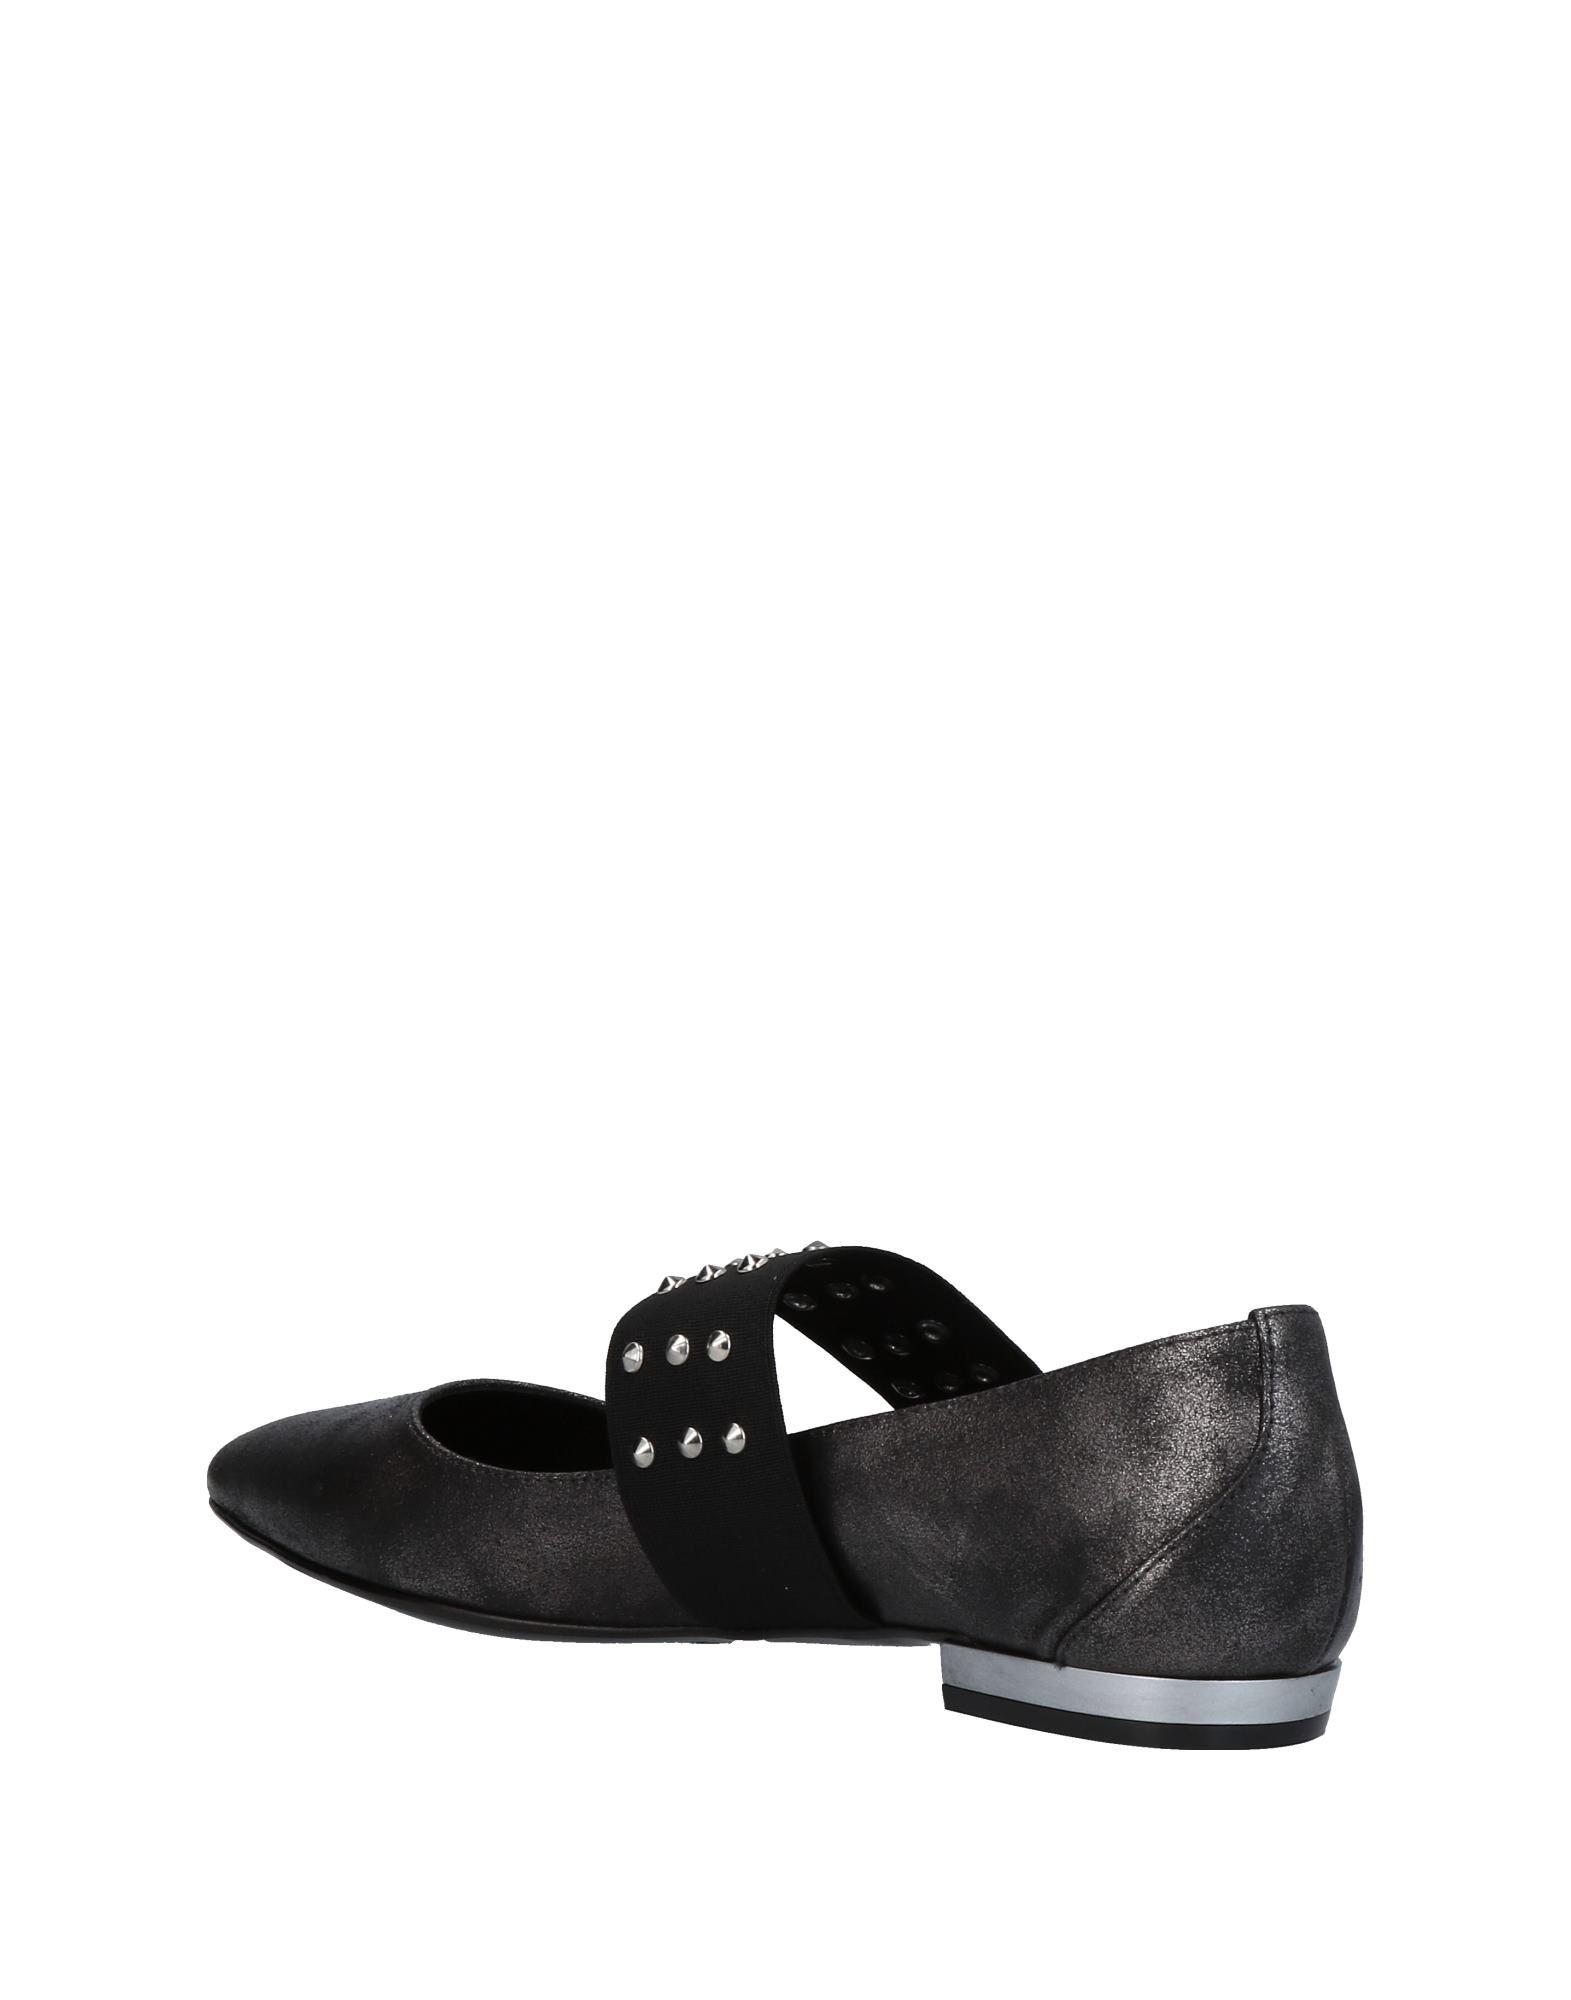 Emanuela Passeri Ballerinas Damen Schuhe 11444629FH Gute Qualität beliebte Schuhe Damen 28277e